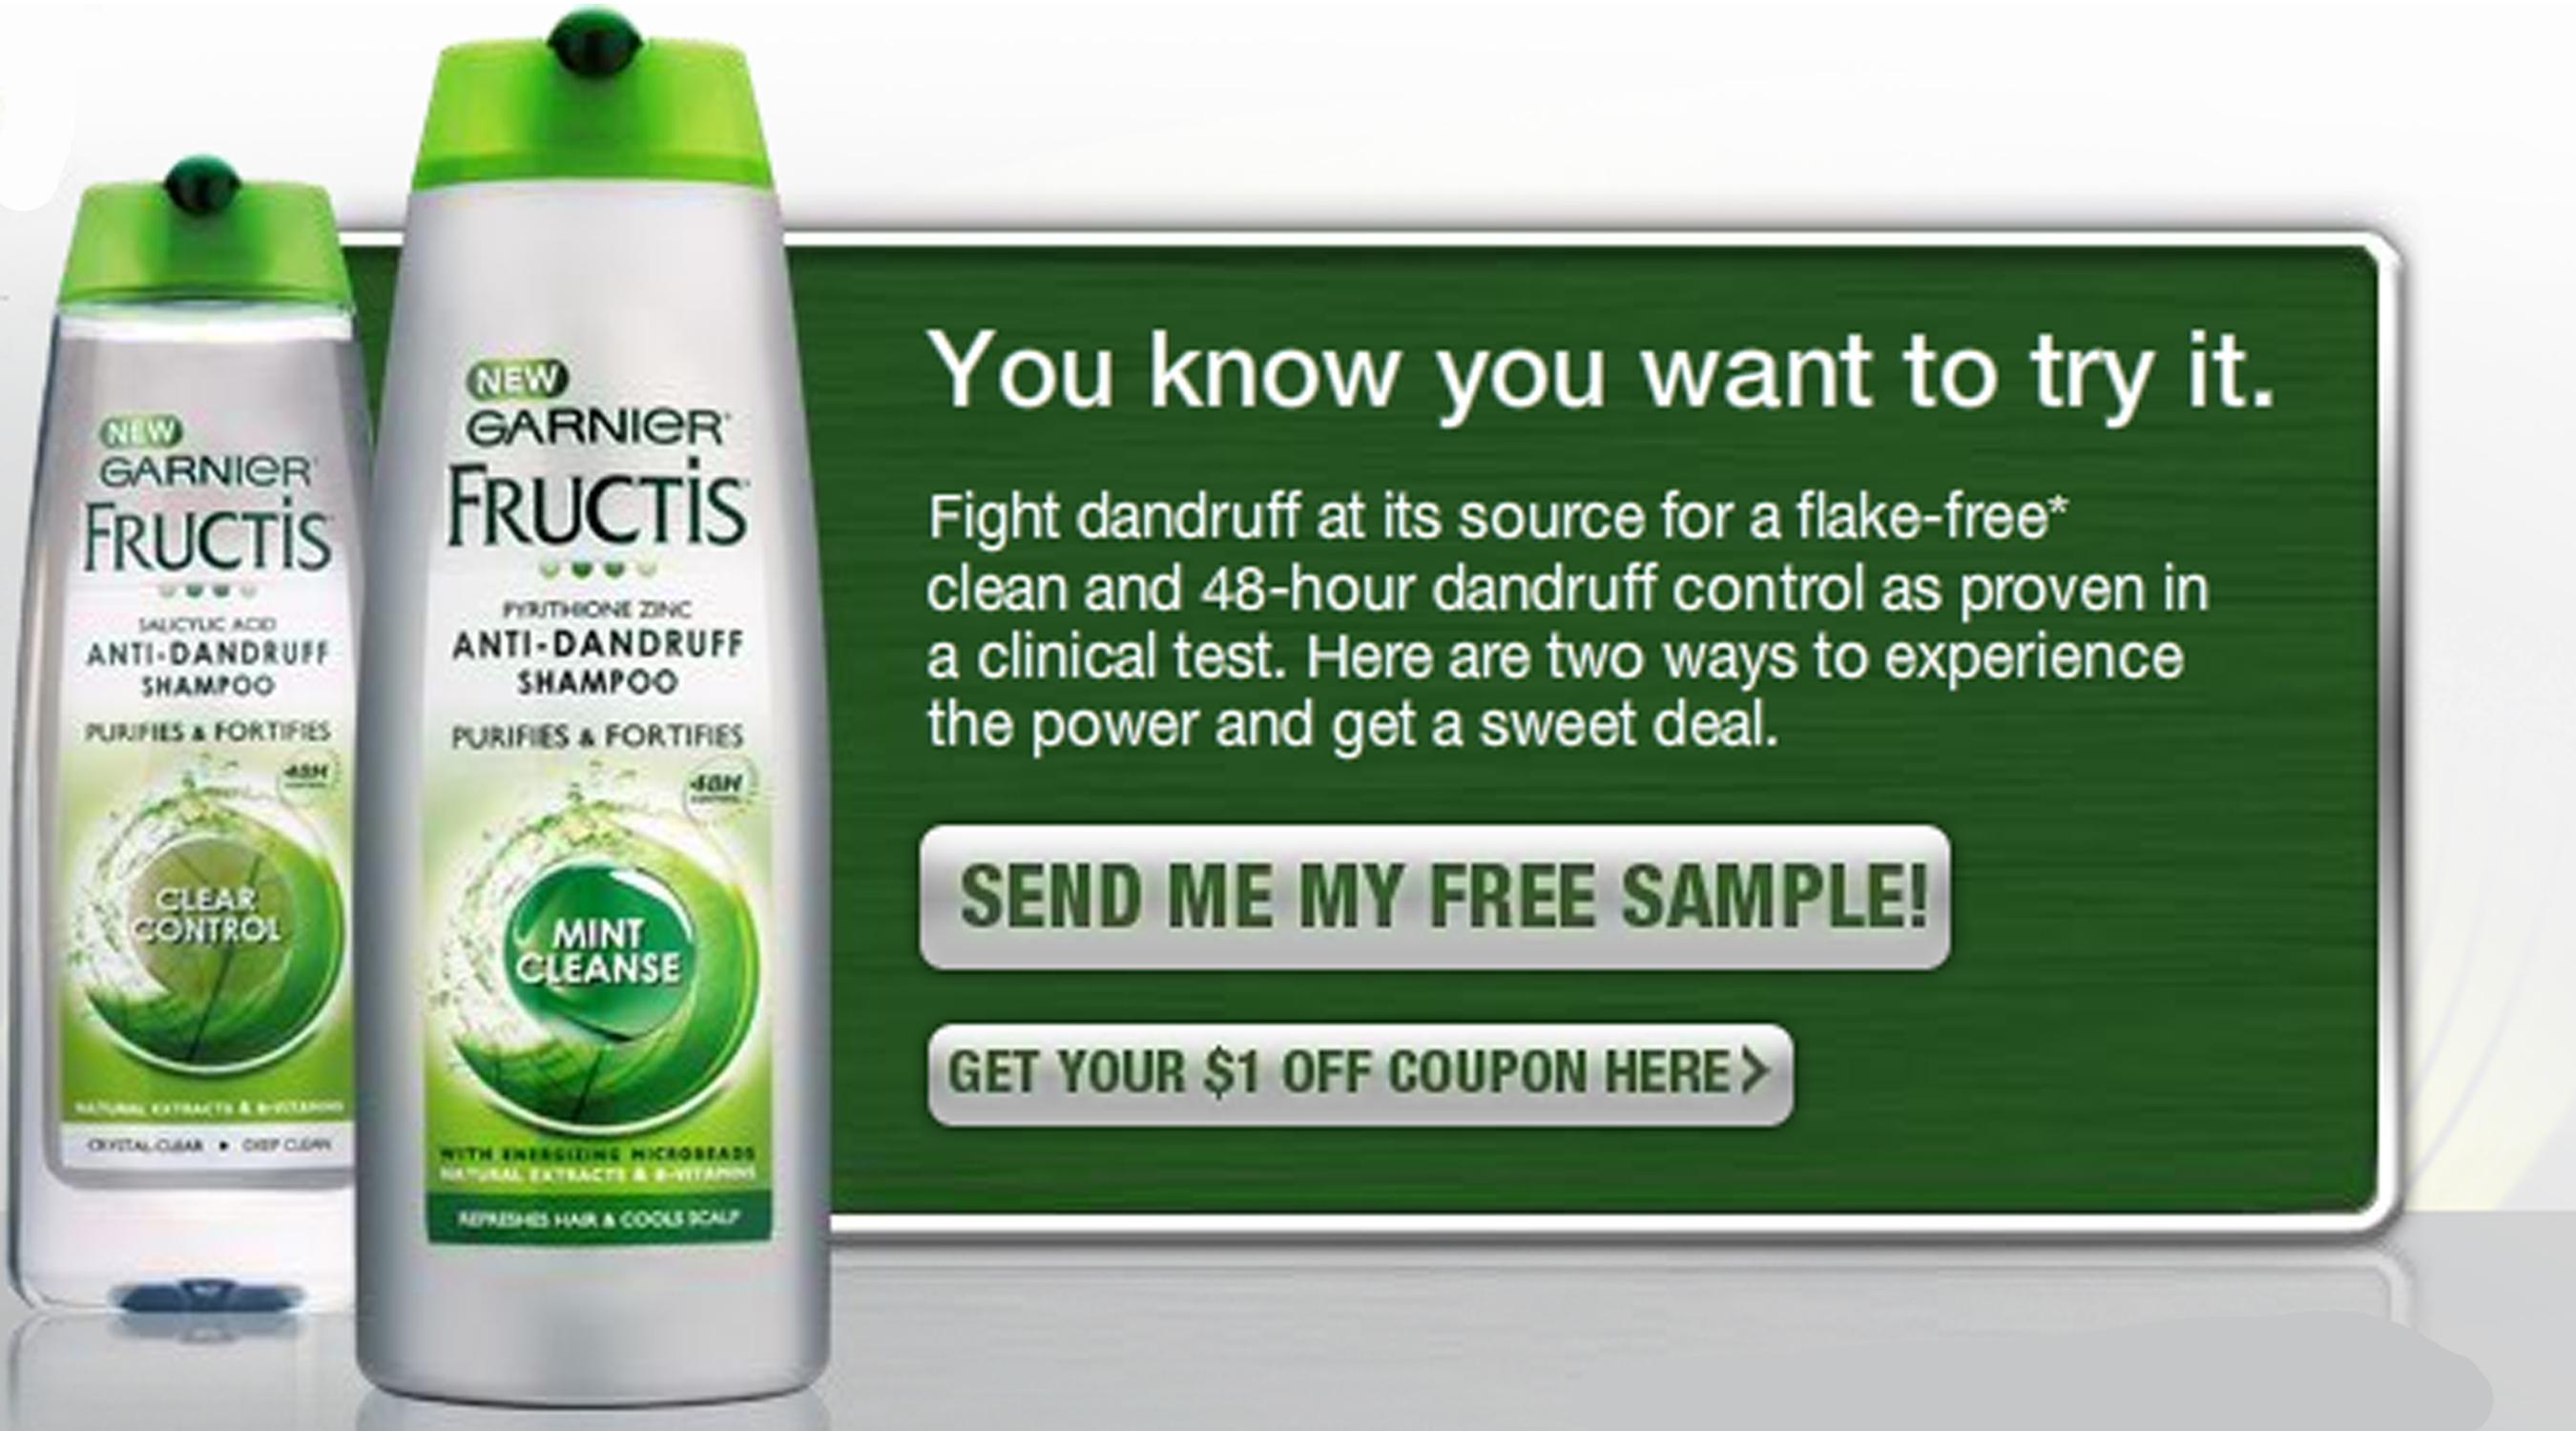 Smugmug coupon code